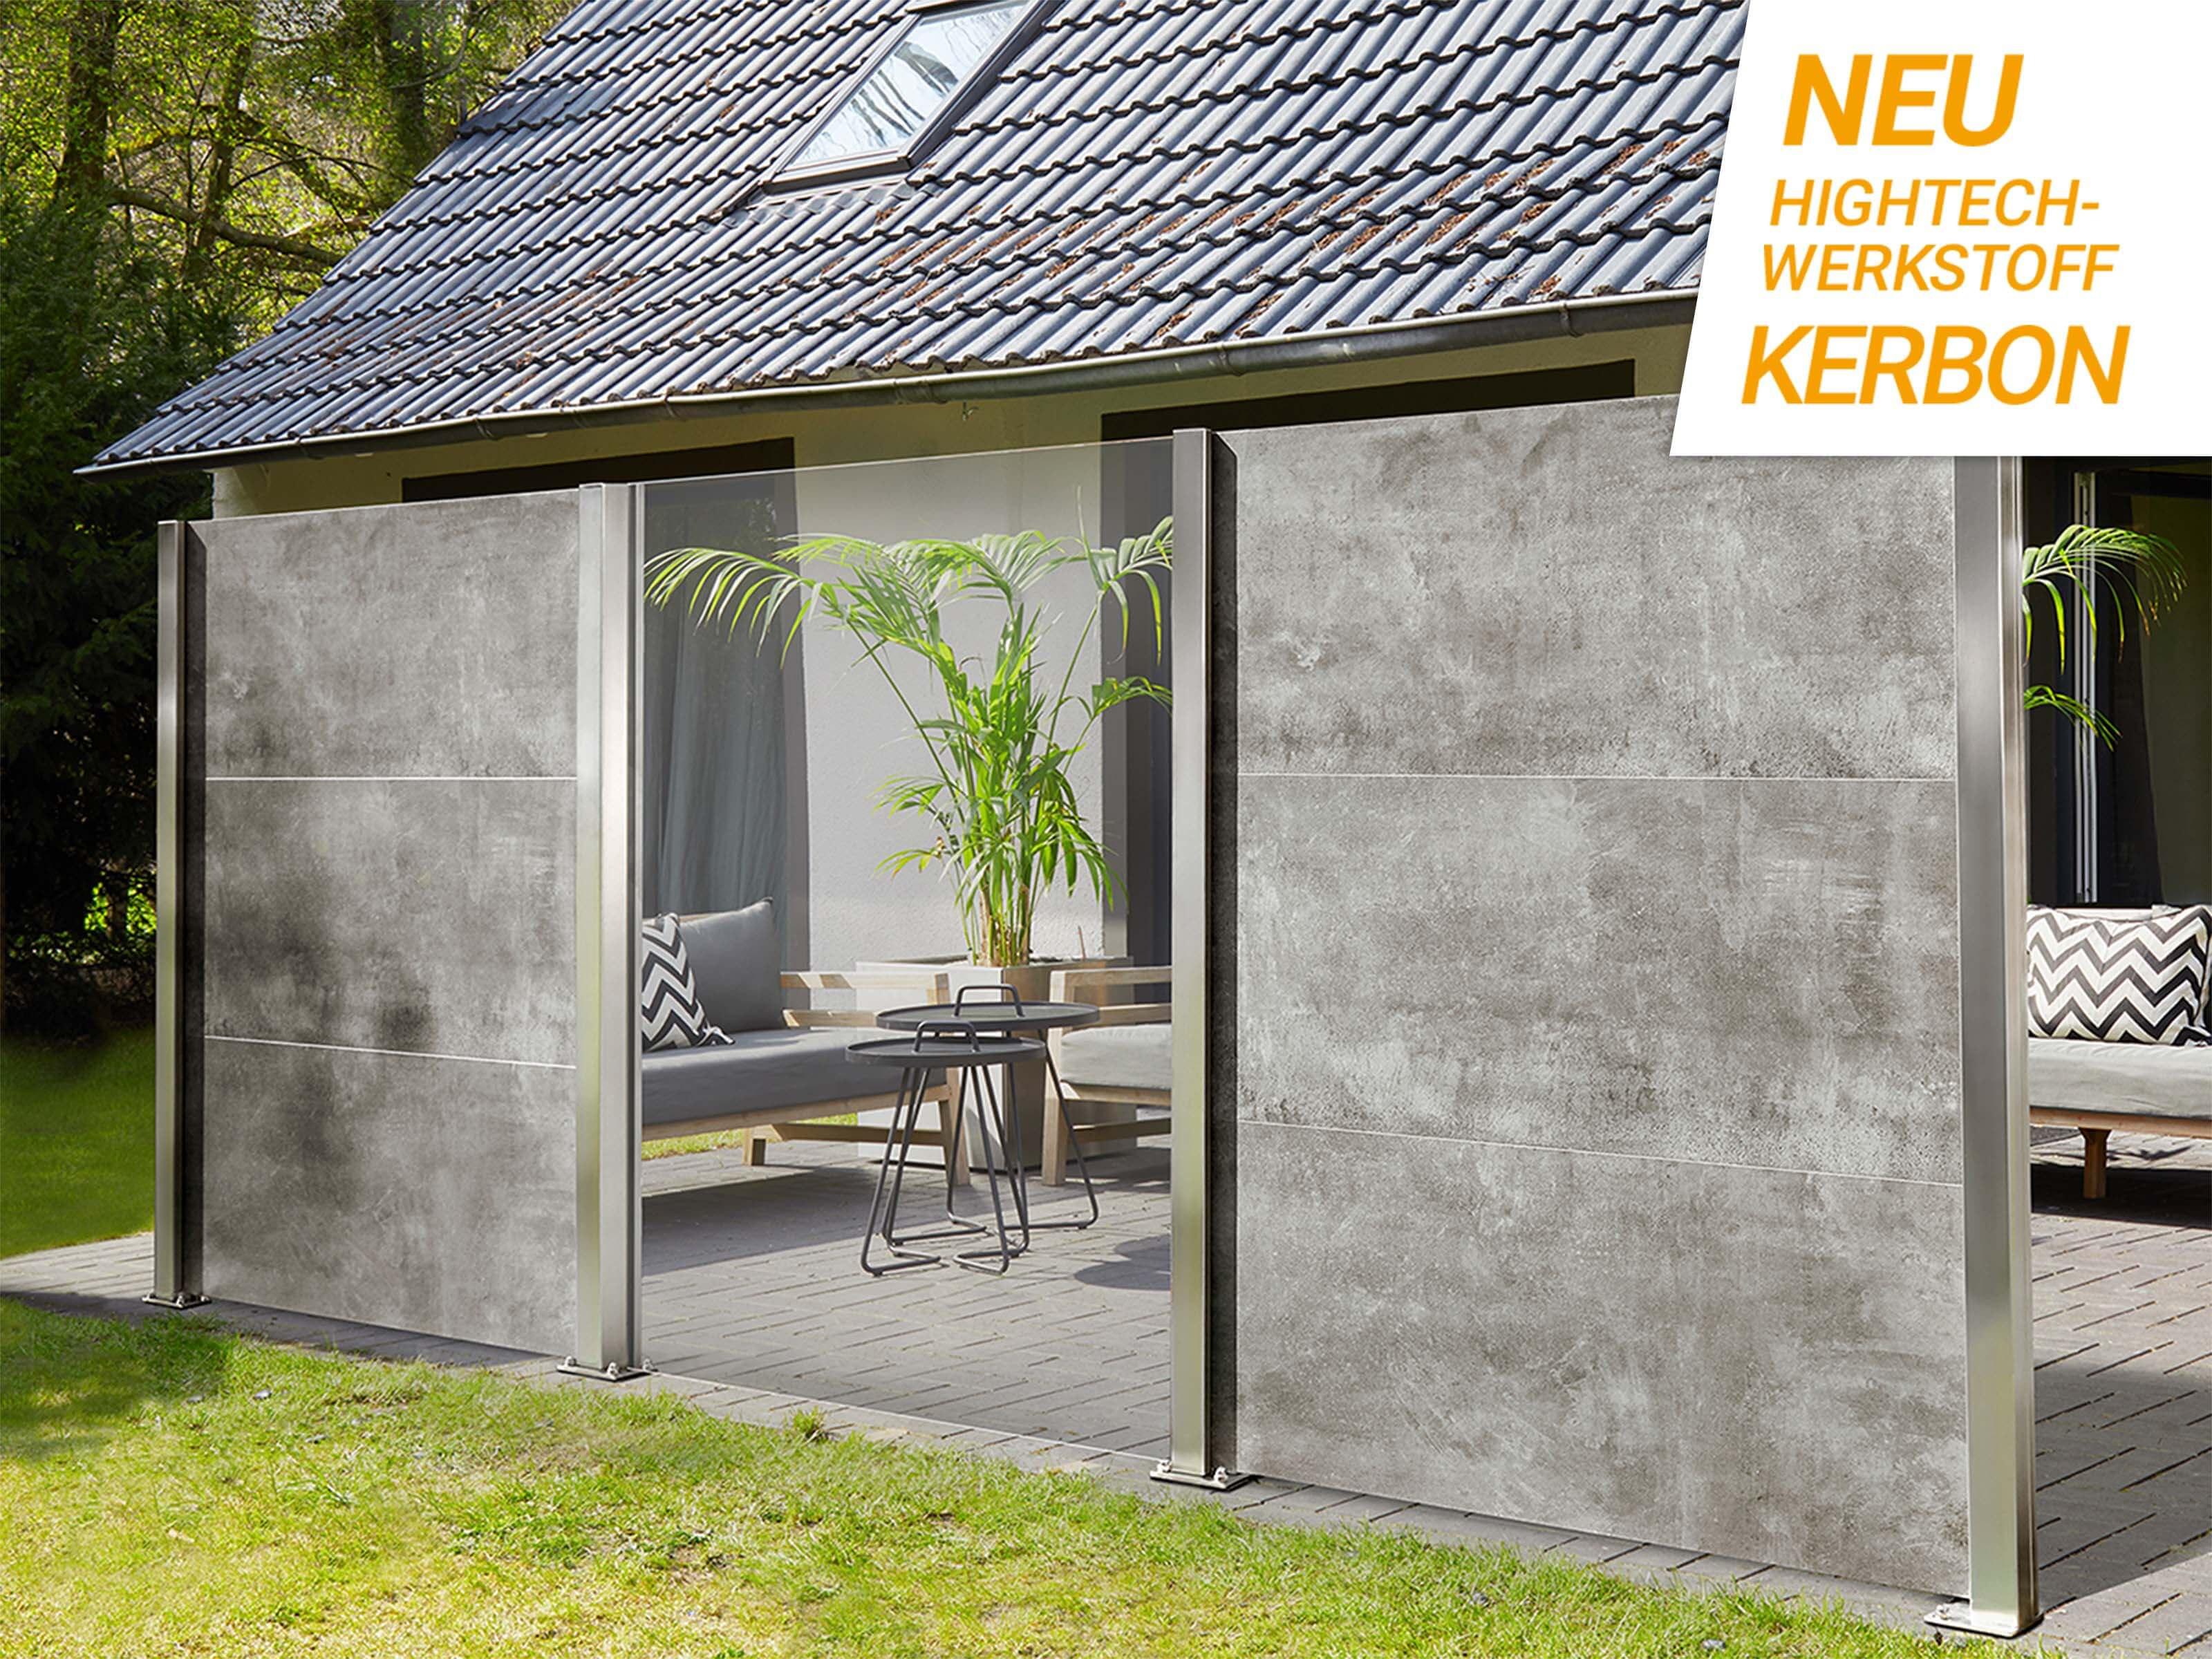 KERBON-Wind- und Sichtschutz, Klarglas mit Farbbeispiel Grau